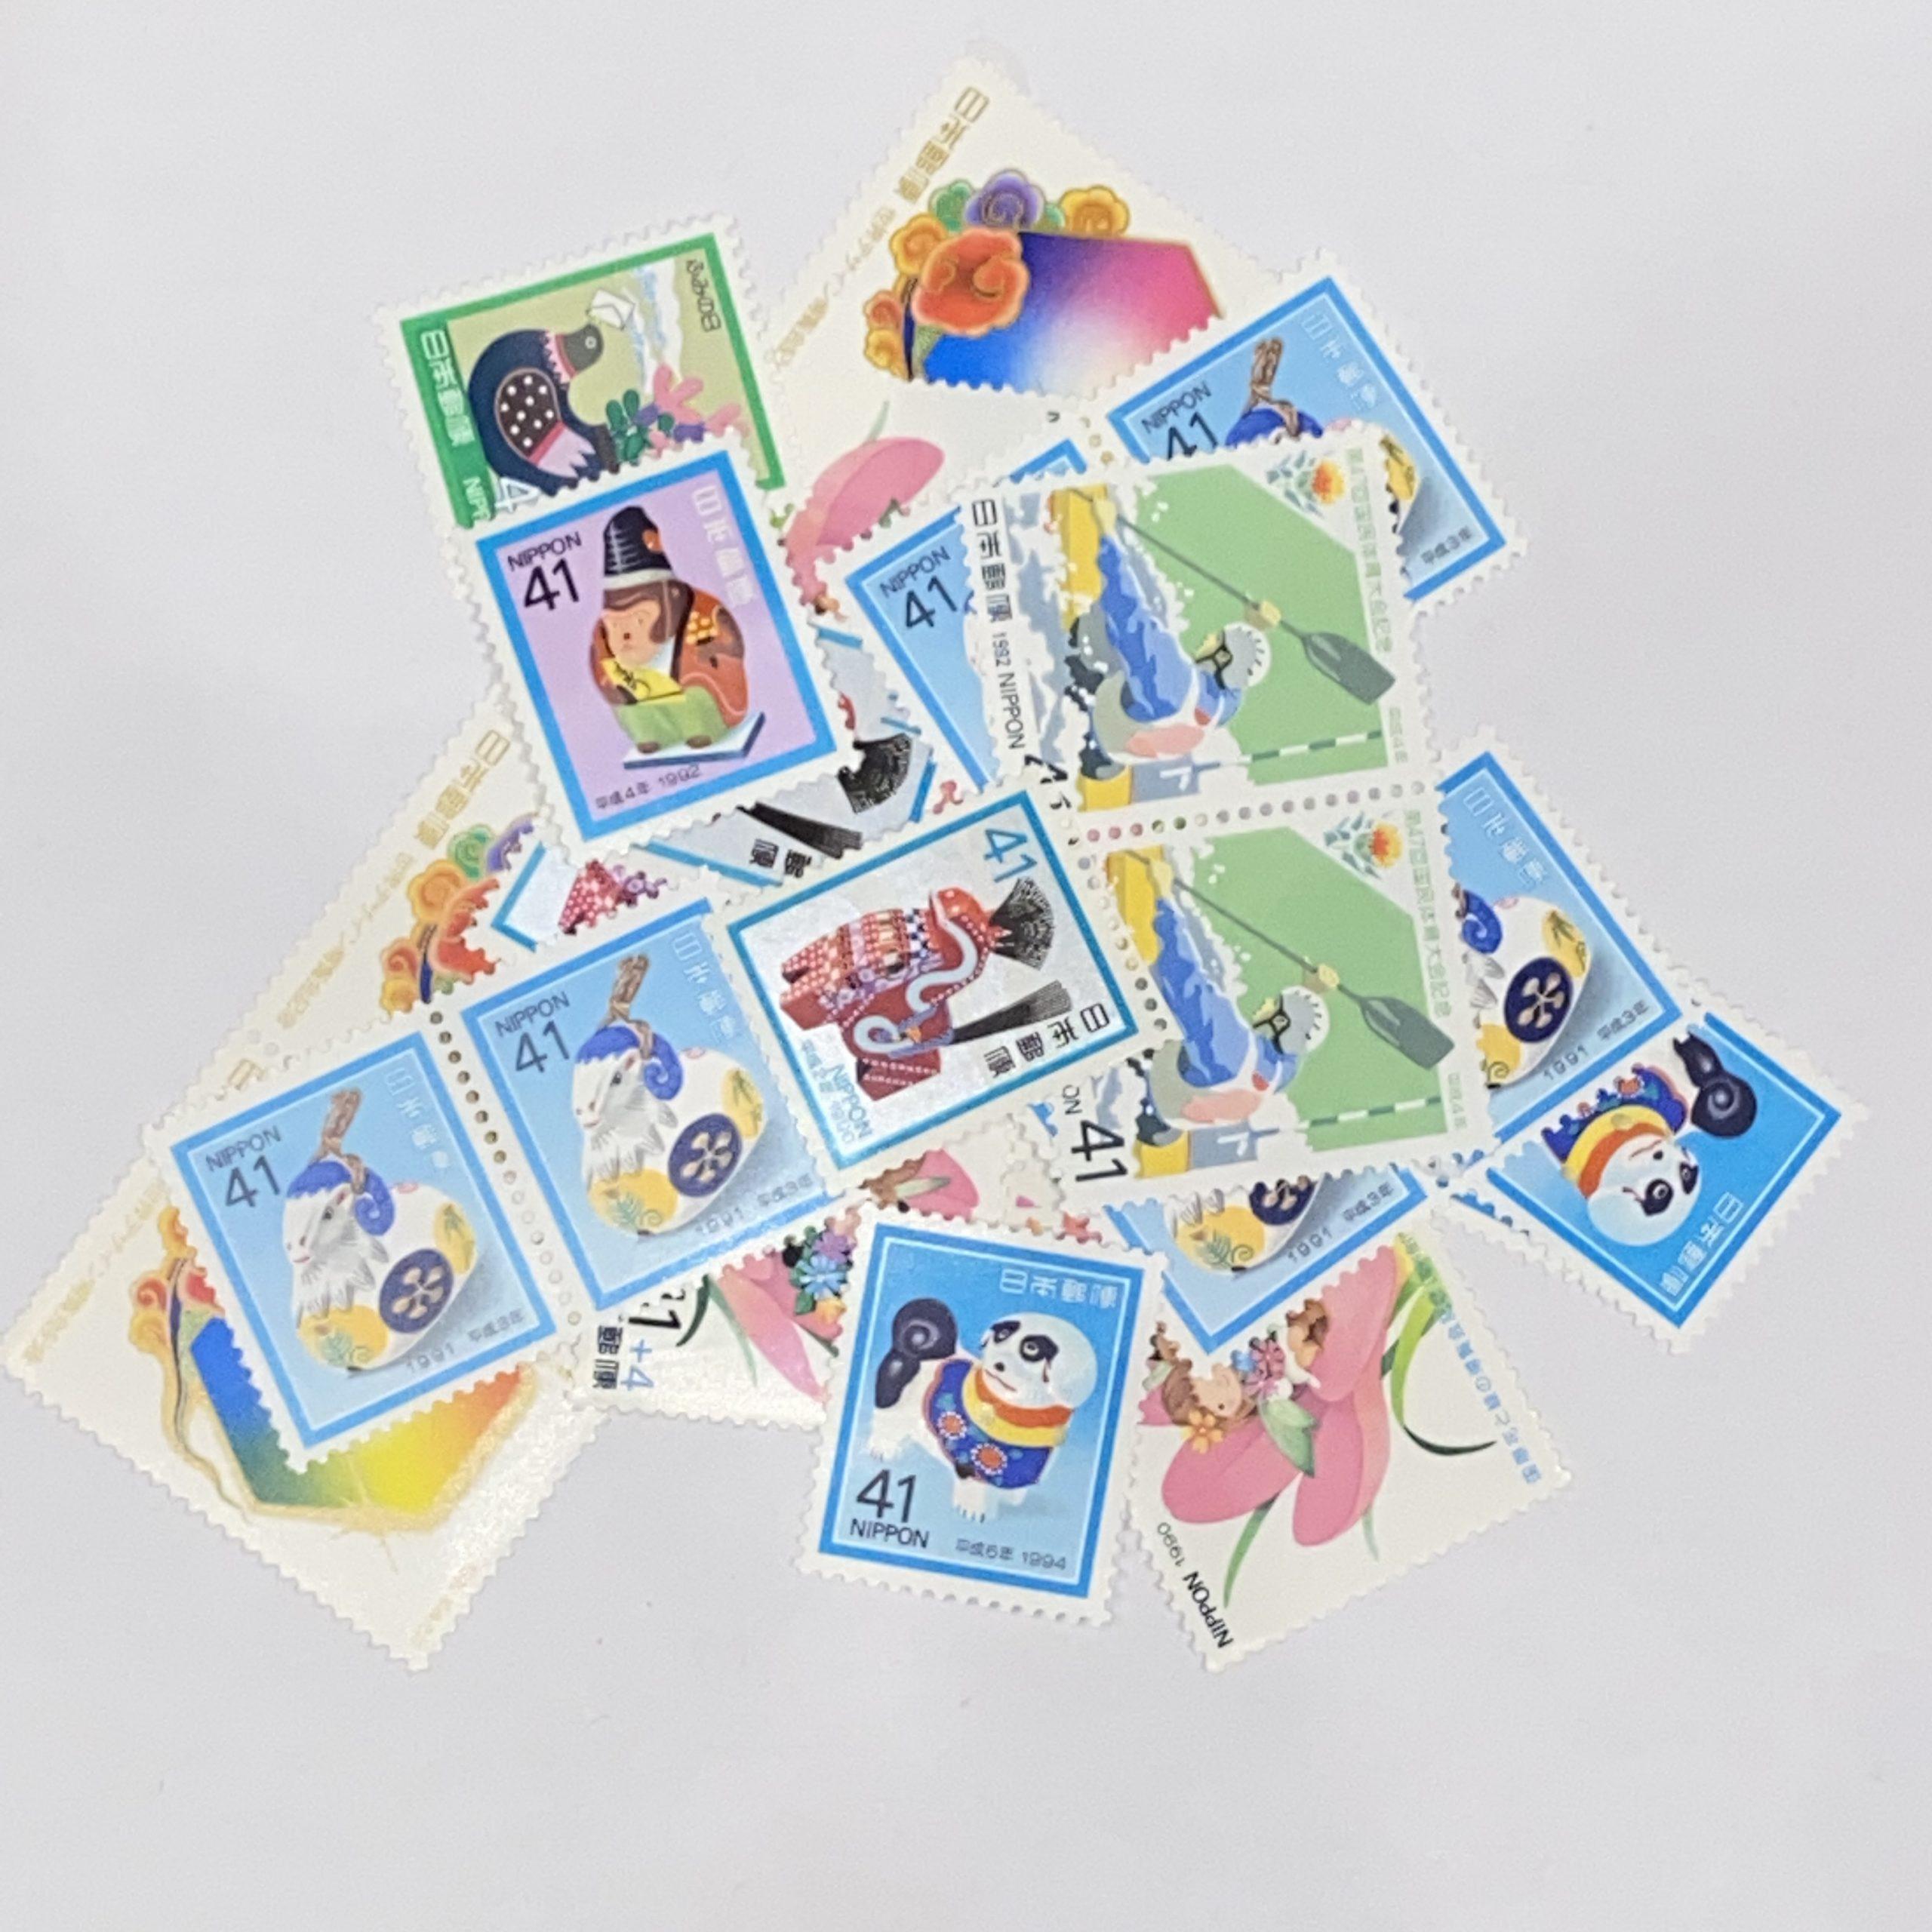 日本バラ切手 41円